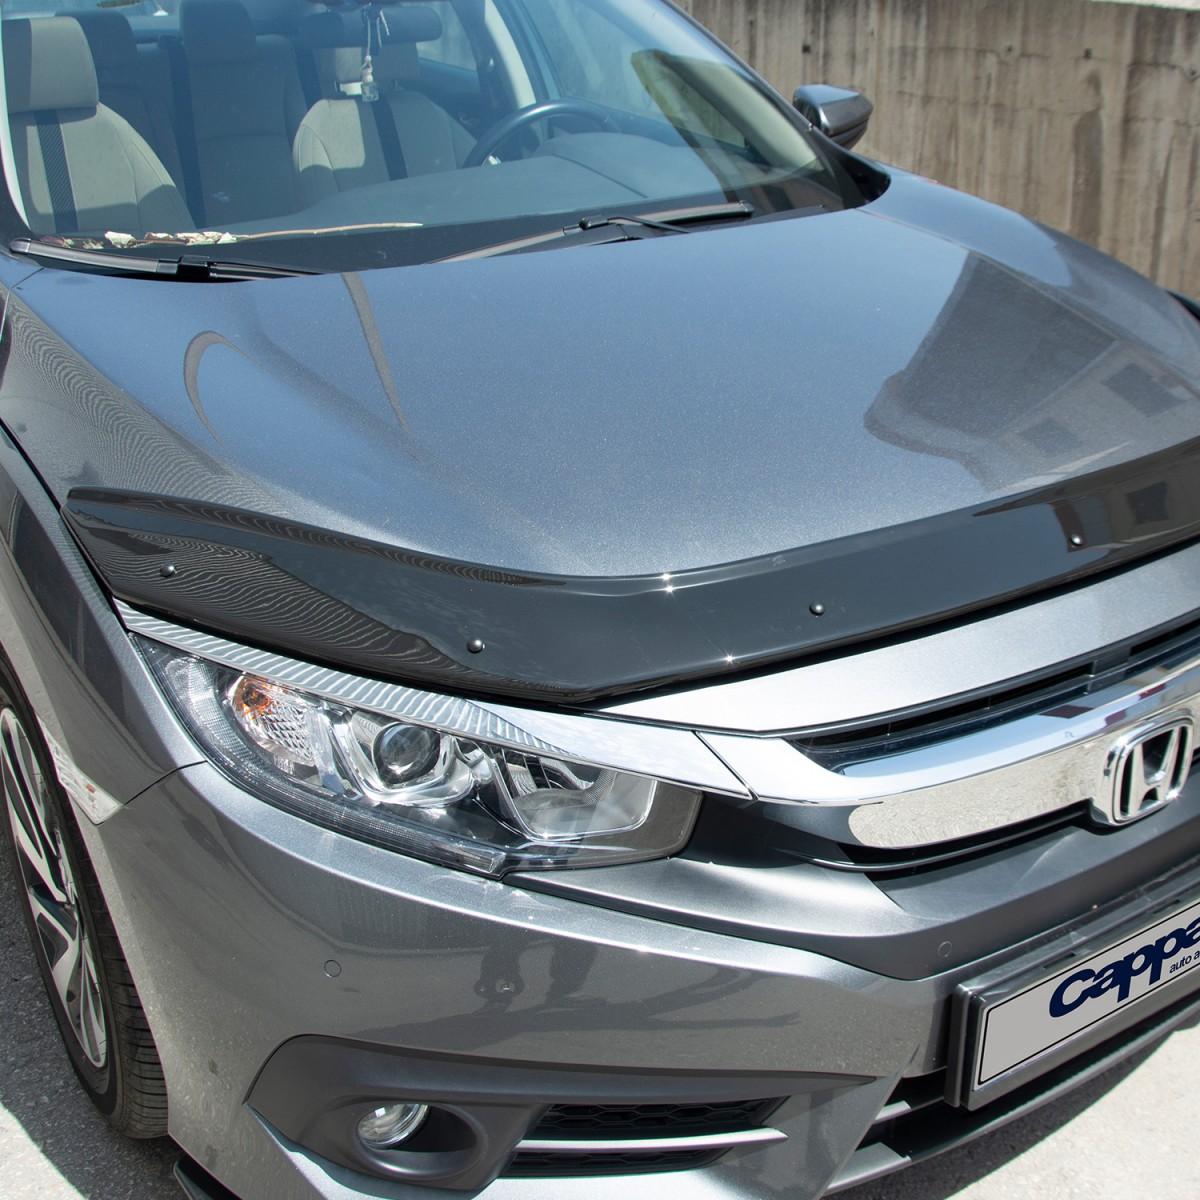 Honda Civic Ön Kaput Koruyucu Rüzgarlığı 2016- Yılı ve Sonrası